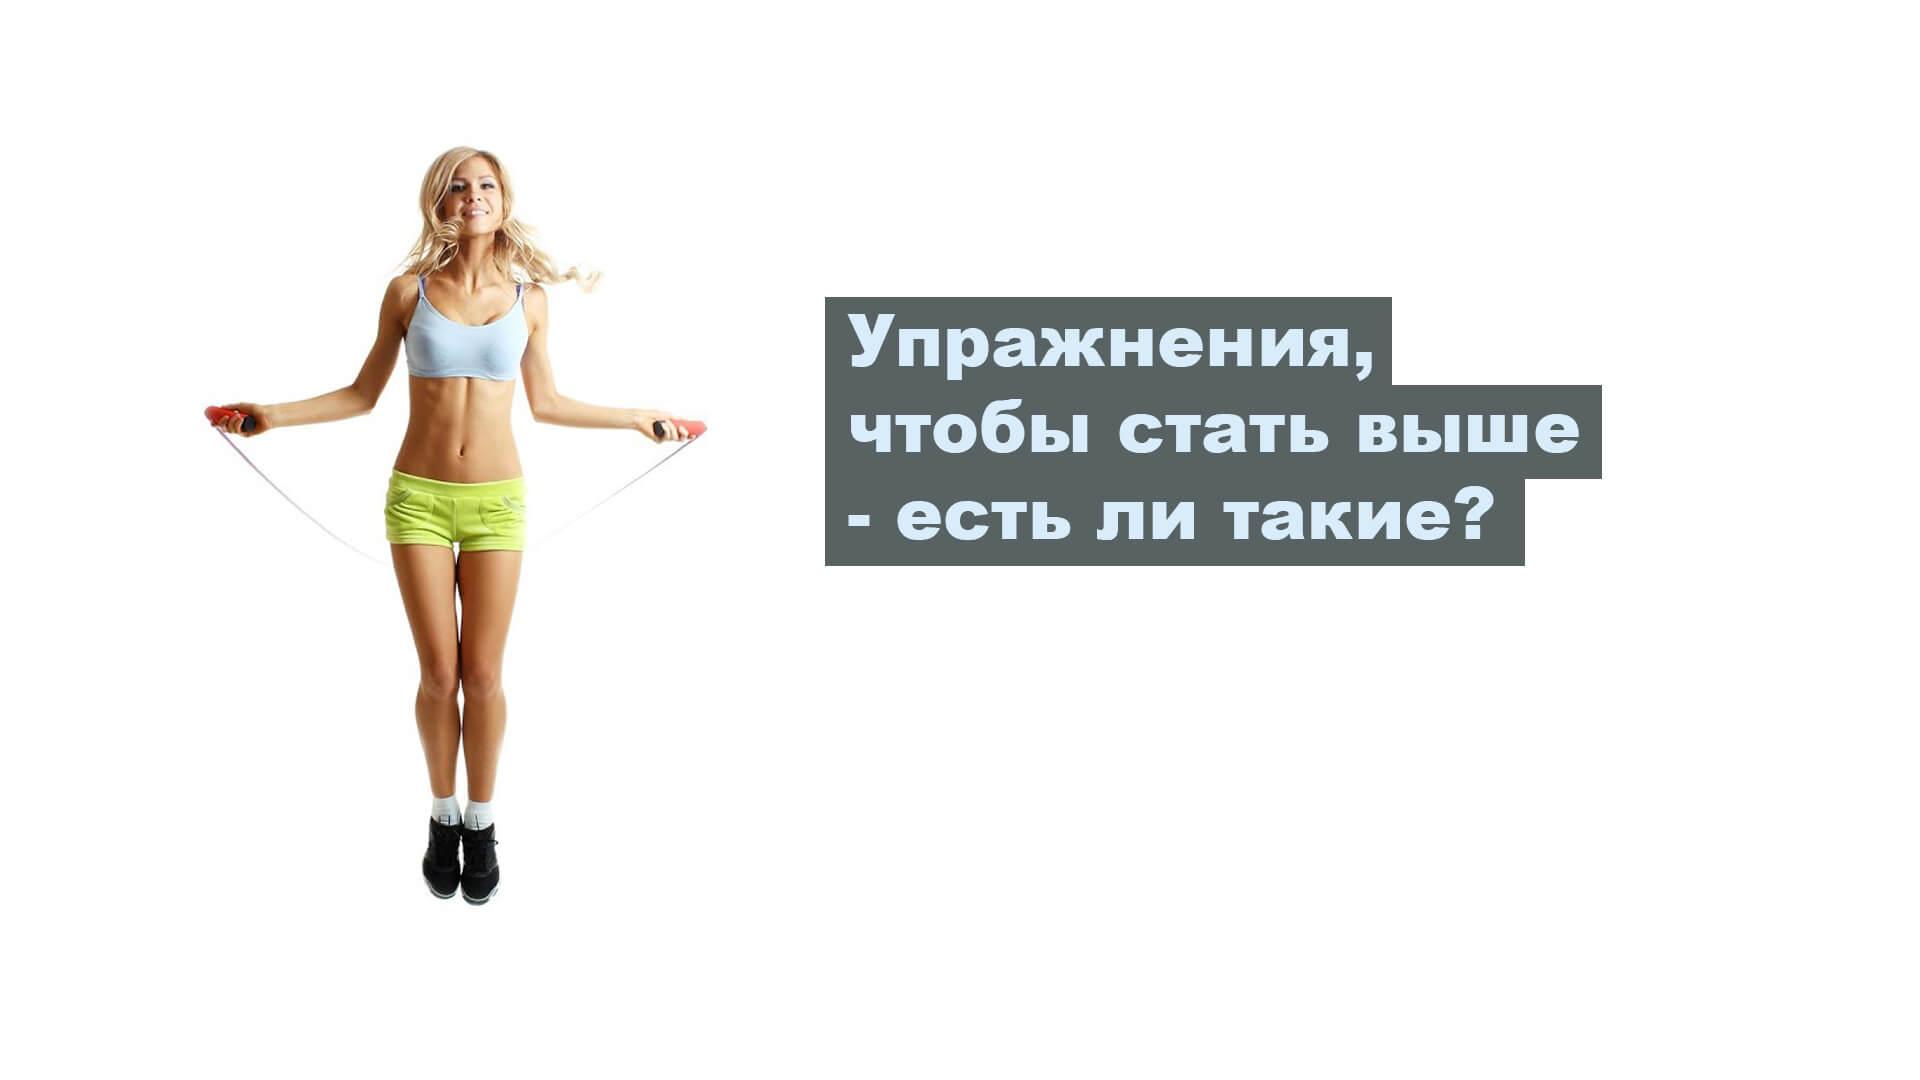 Упражнения чтобы стать выше: фото.